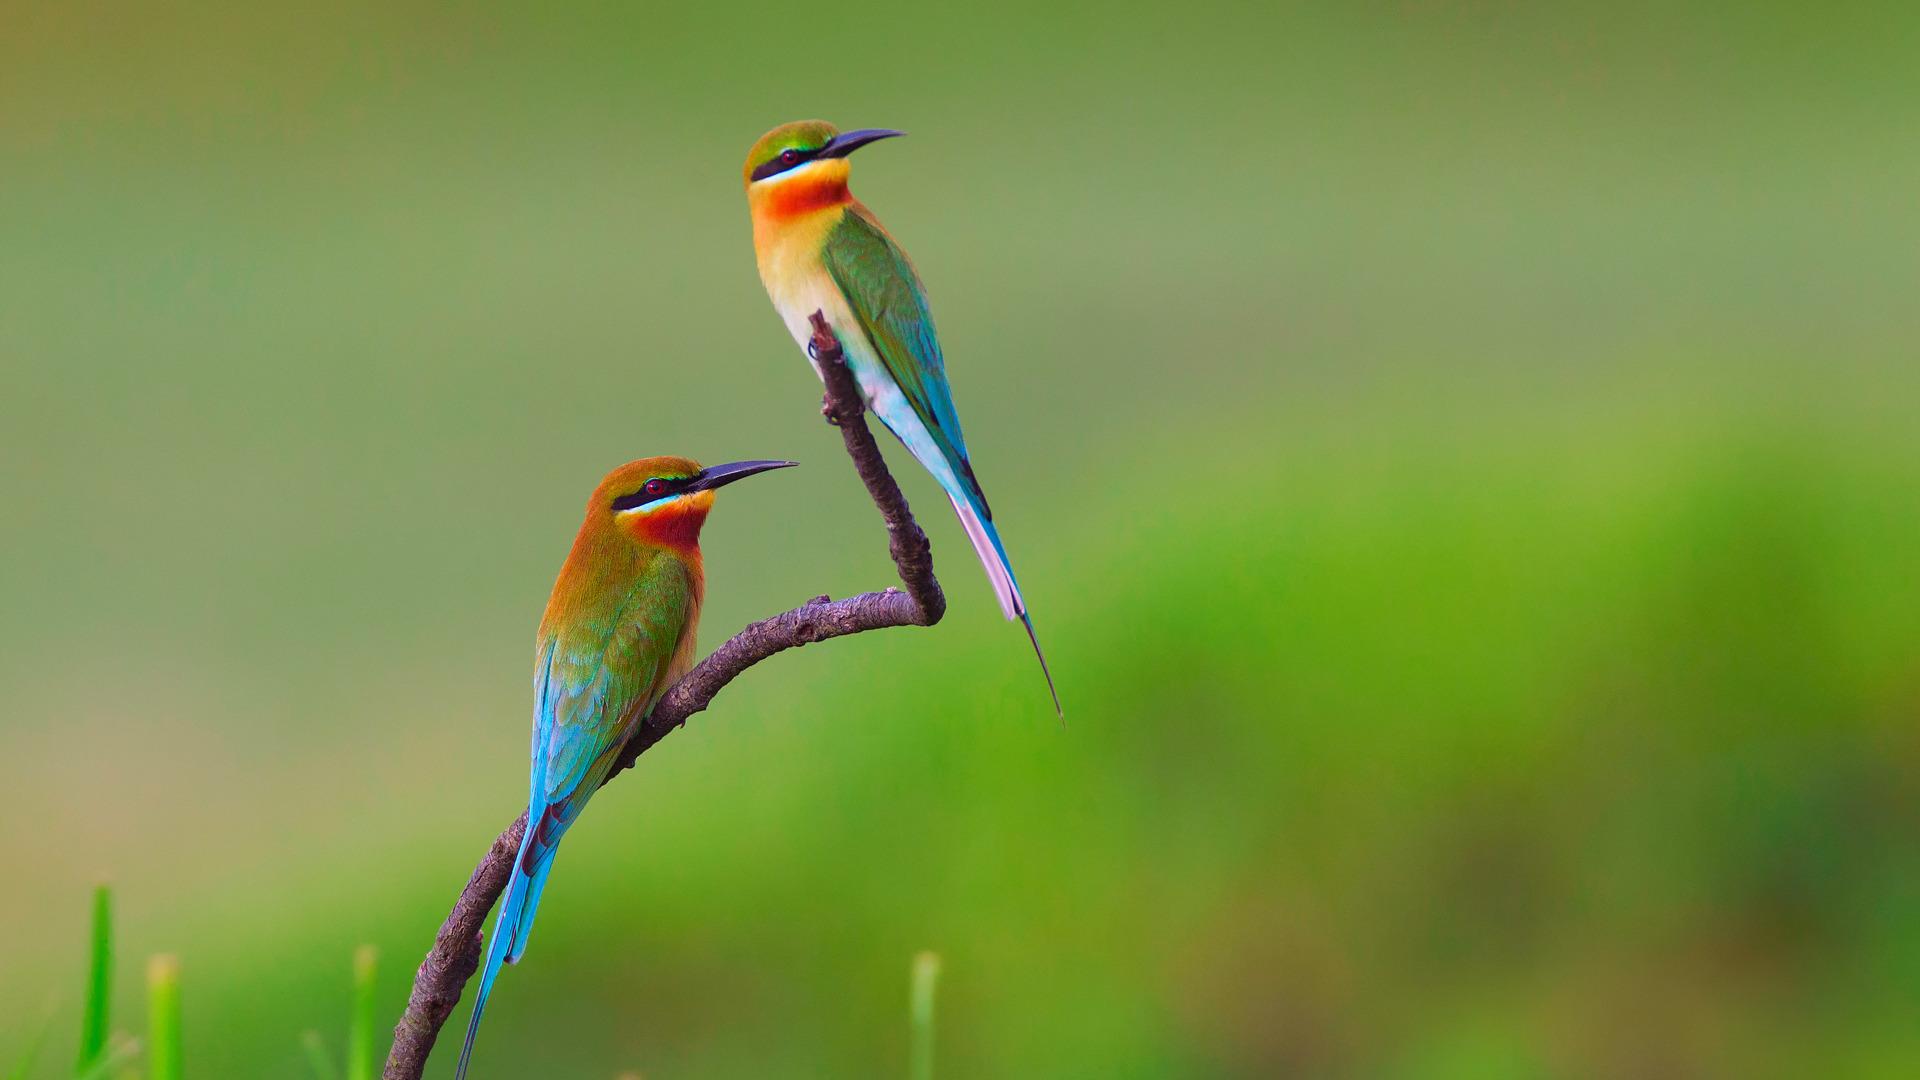 птица природа ветка колибри  № 1994315 без смс